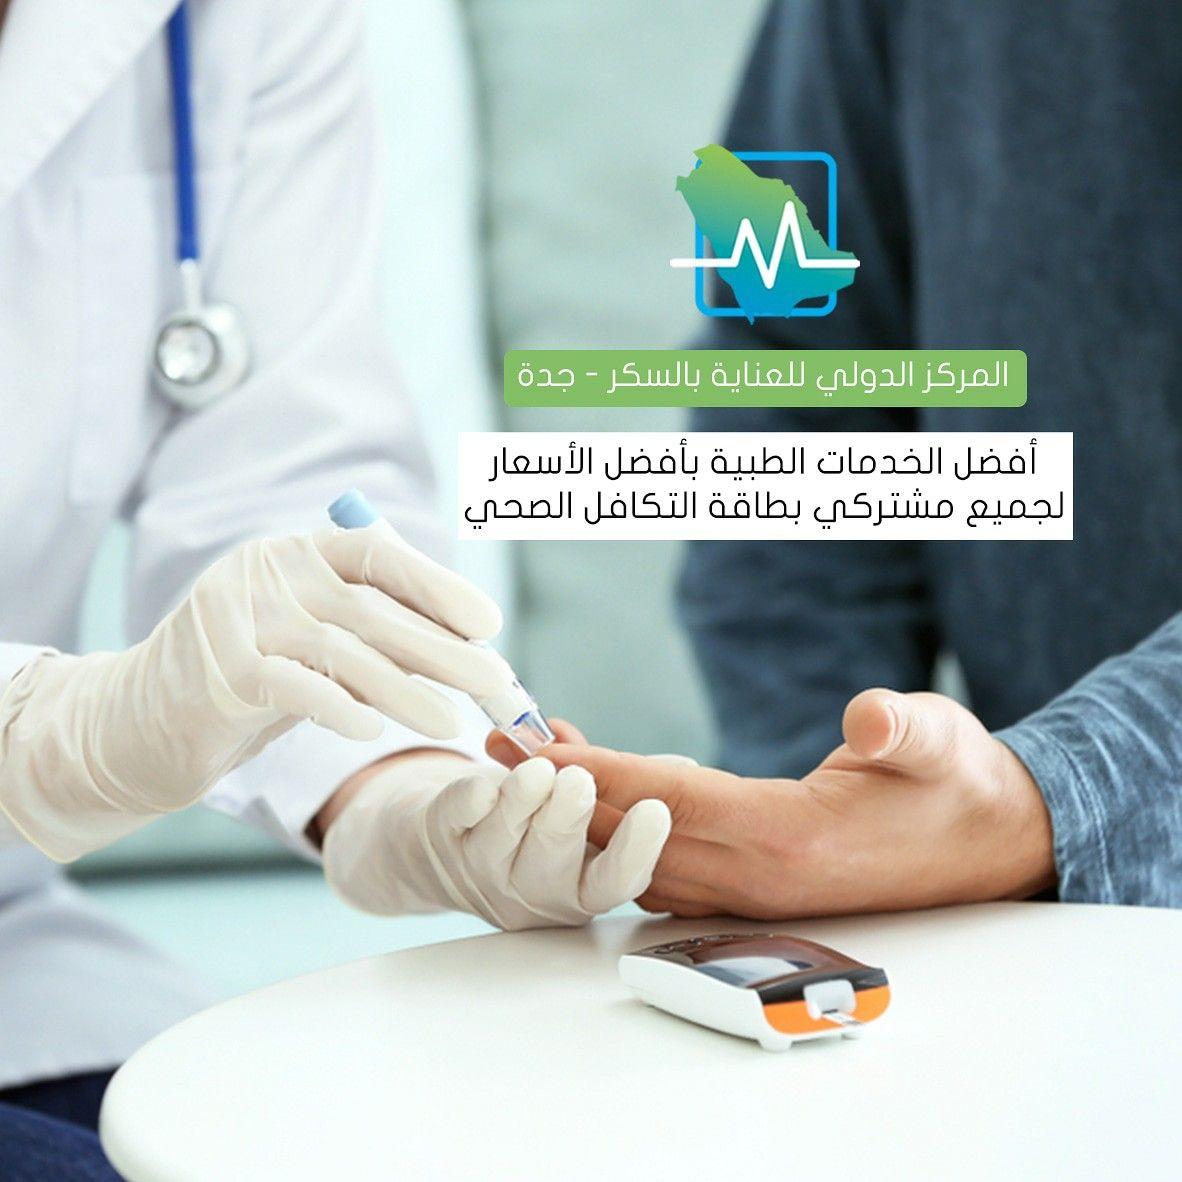 رعاية طبية مميزة في المركز الدولي للعناية بالسكر في جدة وبخصومات عديدة مع بطاقة التكافل الصحي الكشف الطبي 25 الأشعة والمختب Health Insurance Health Fitbit